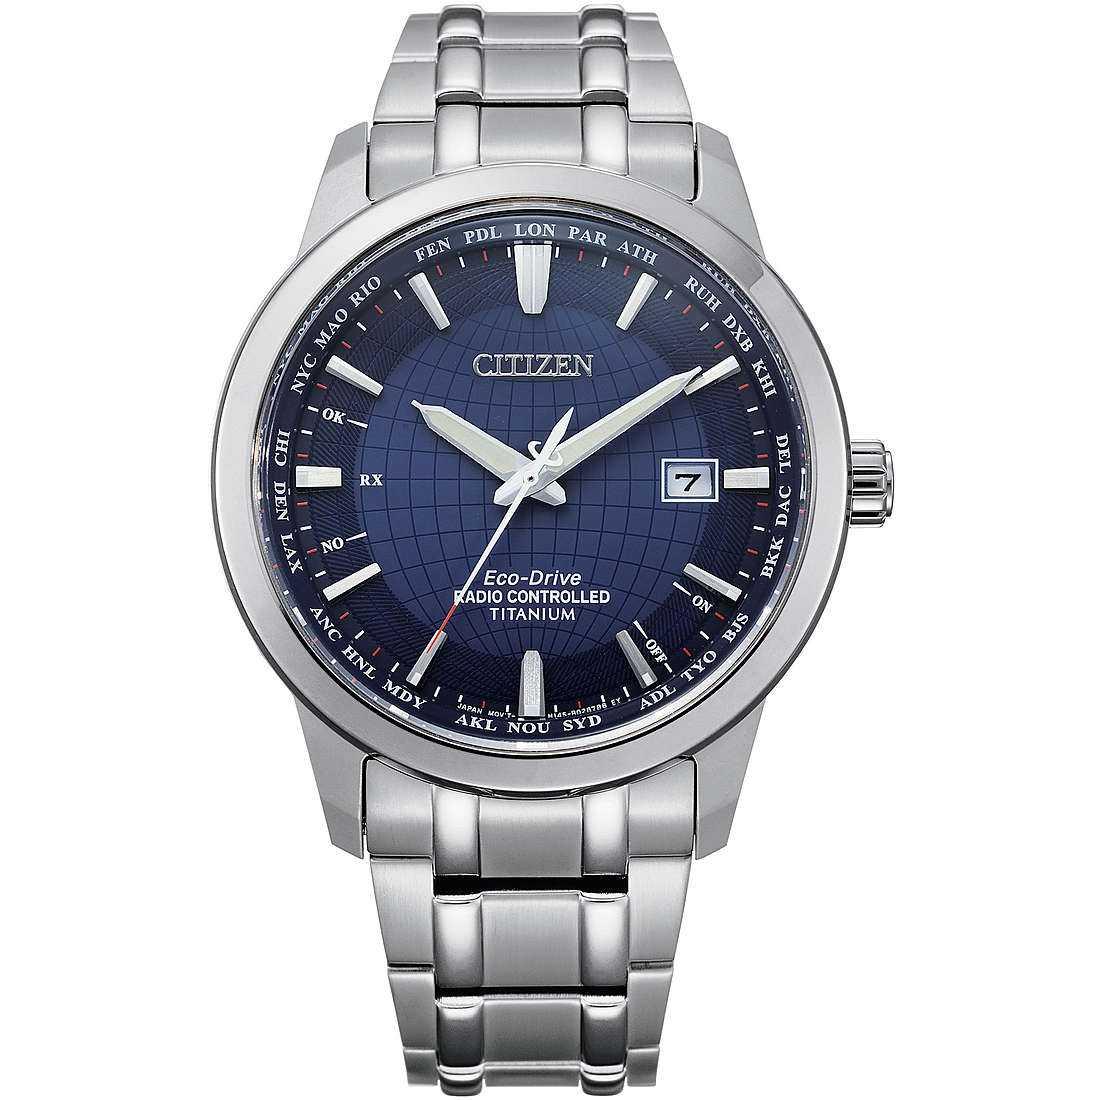 Orologio cronografo uomo citizen radio controllati cb0190 84l